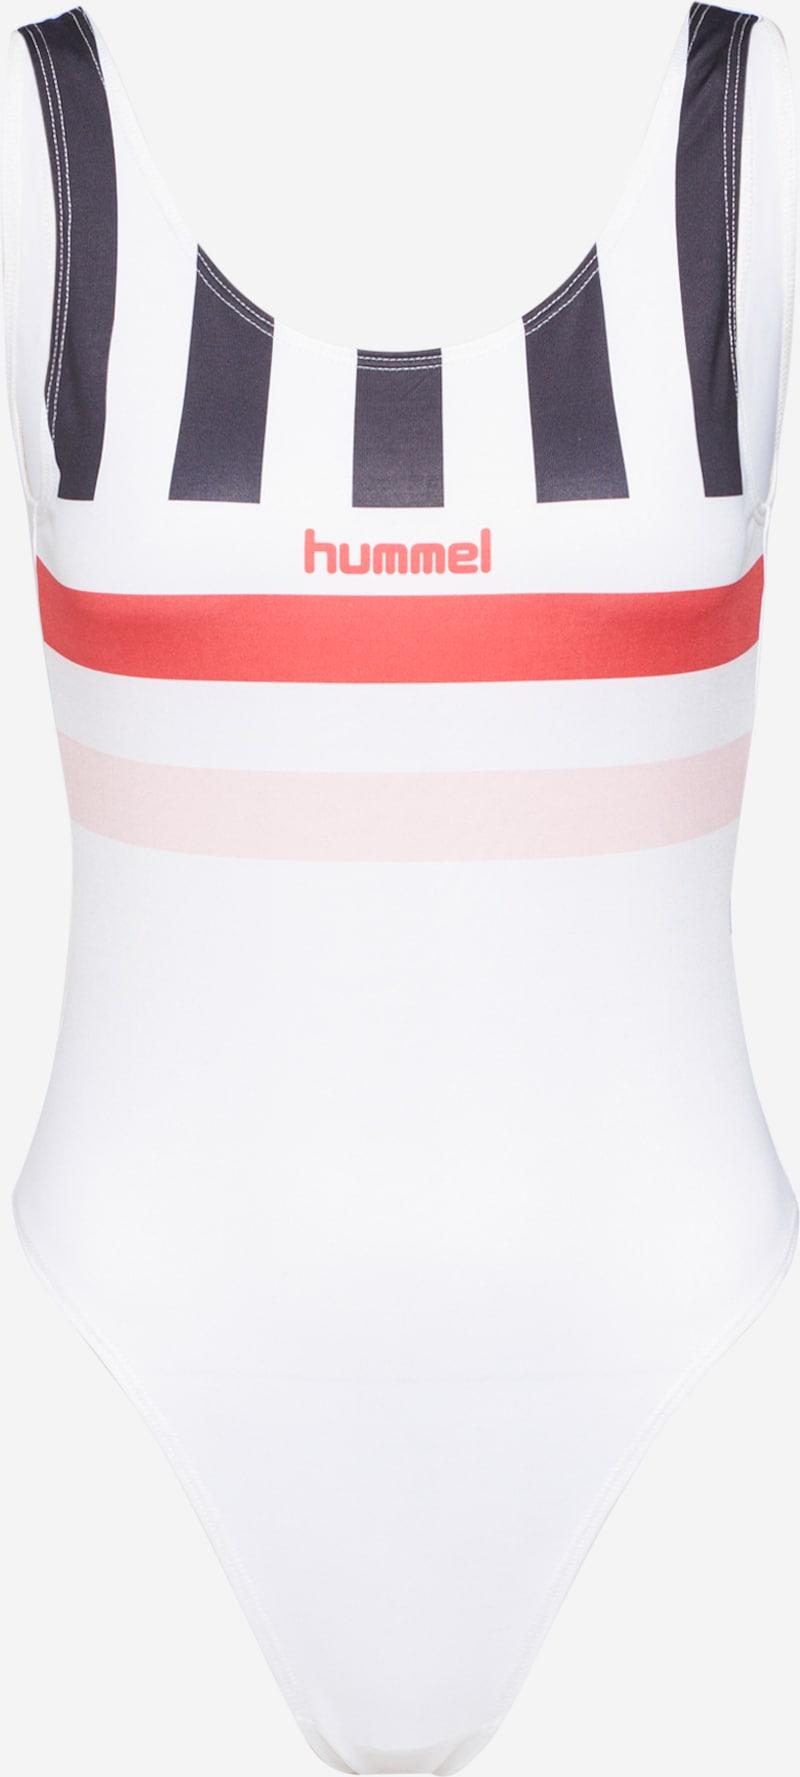 hummel hive webáruház | ABOUT YOU